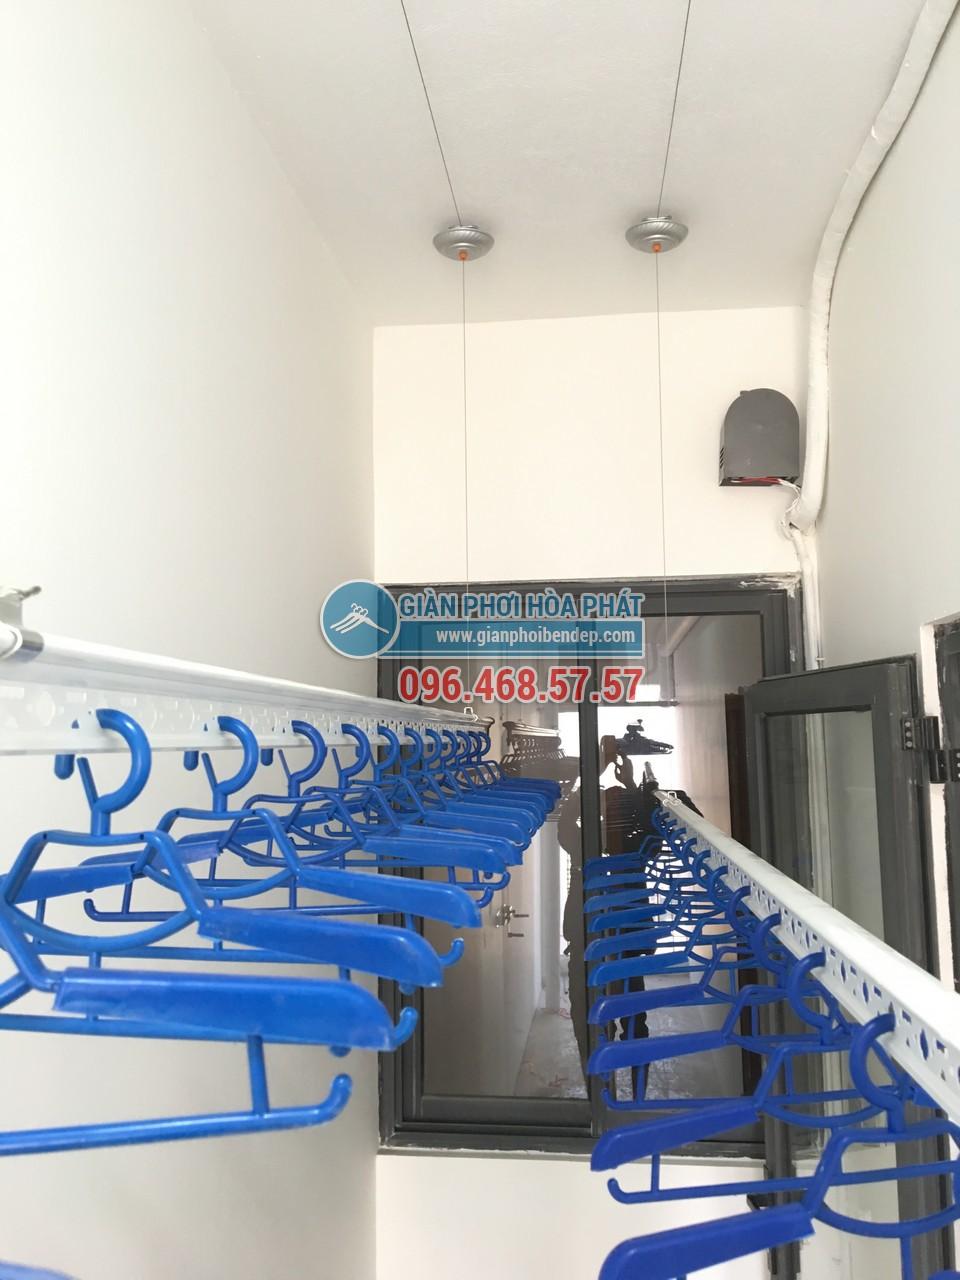 Lắp đặt giàn phơi thông minh Hải Phòng giá rẻ, chính hãng Hòa Phát